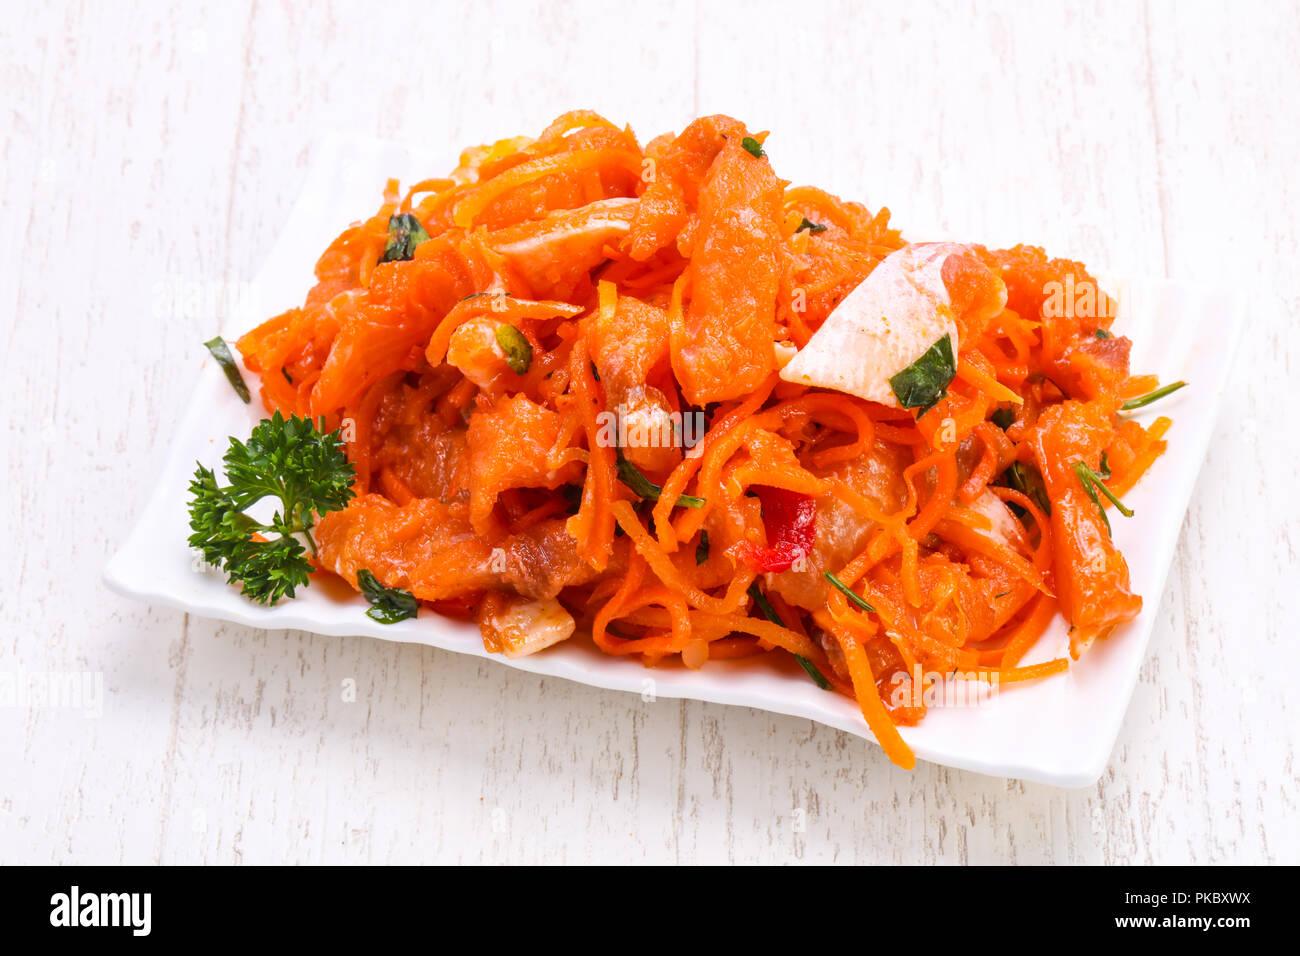 Zanahoria En Escabeche Con El Pescado En El Recipiente Fotografia De Stock Alamy Cubrir con agua y vinagre mezclados en partes. alamy